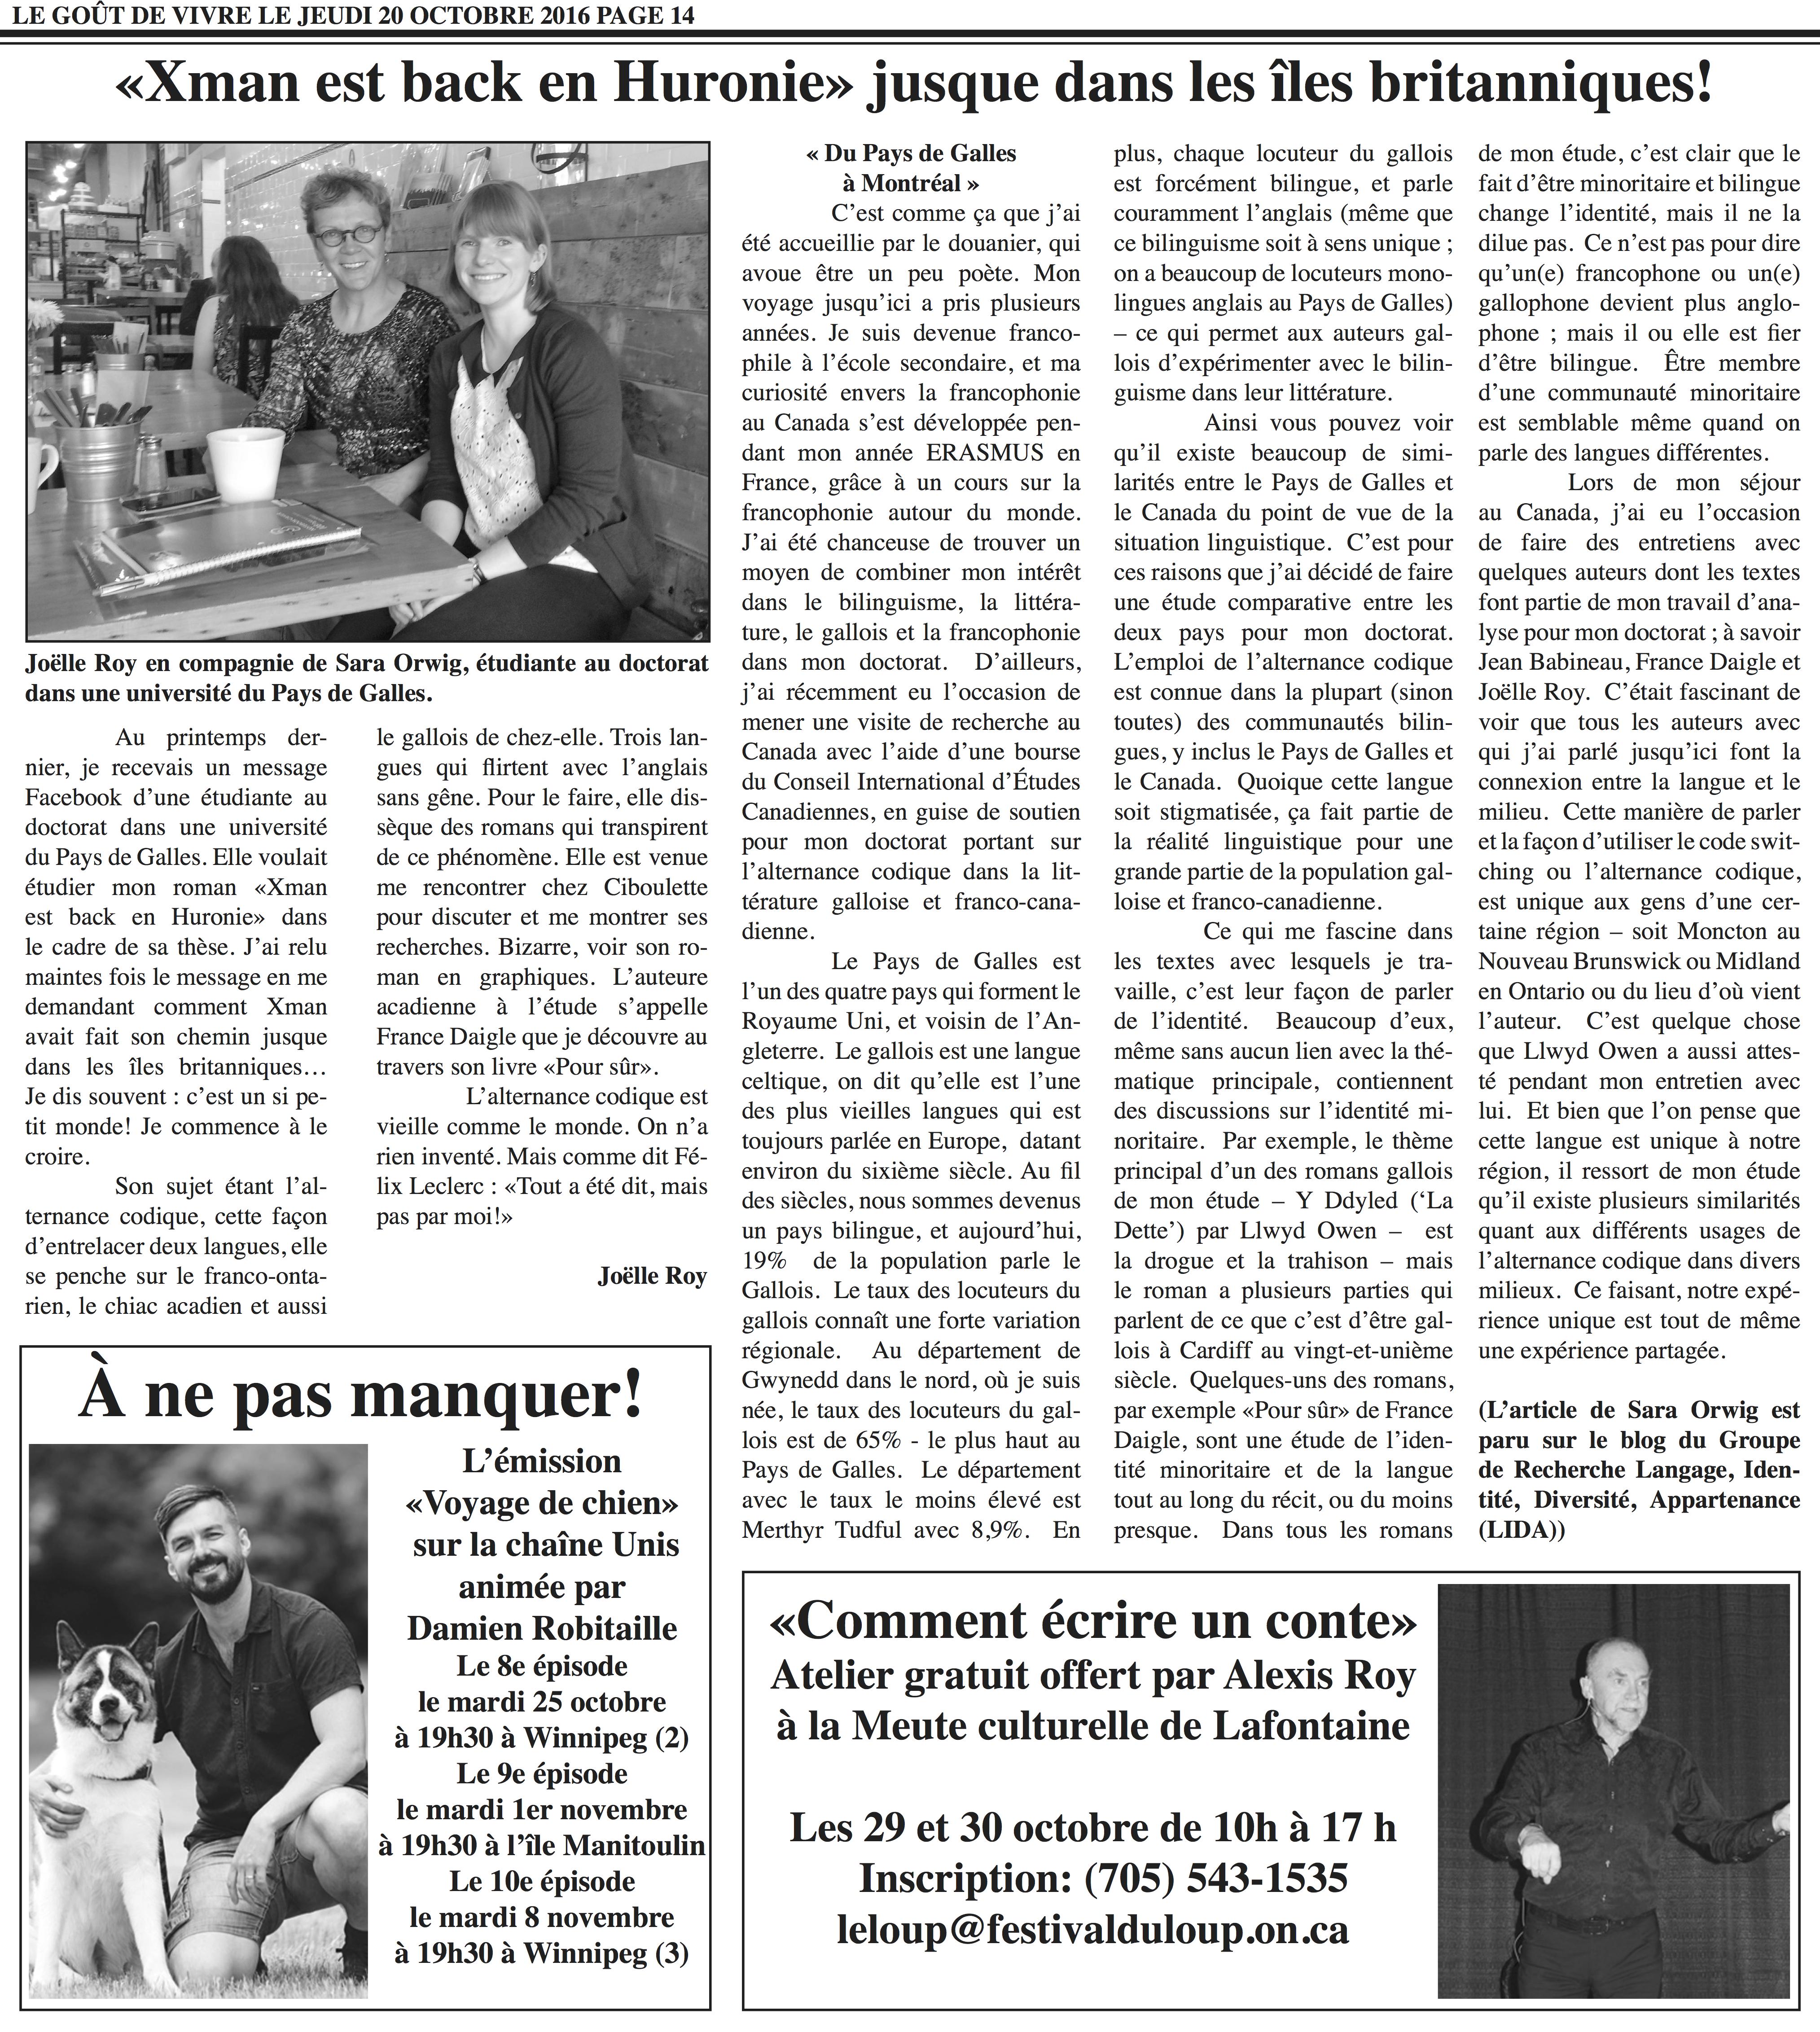 page 14 Le Gout 20 oct. 2016